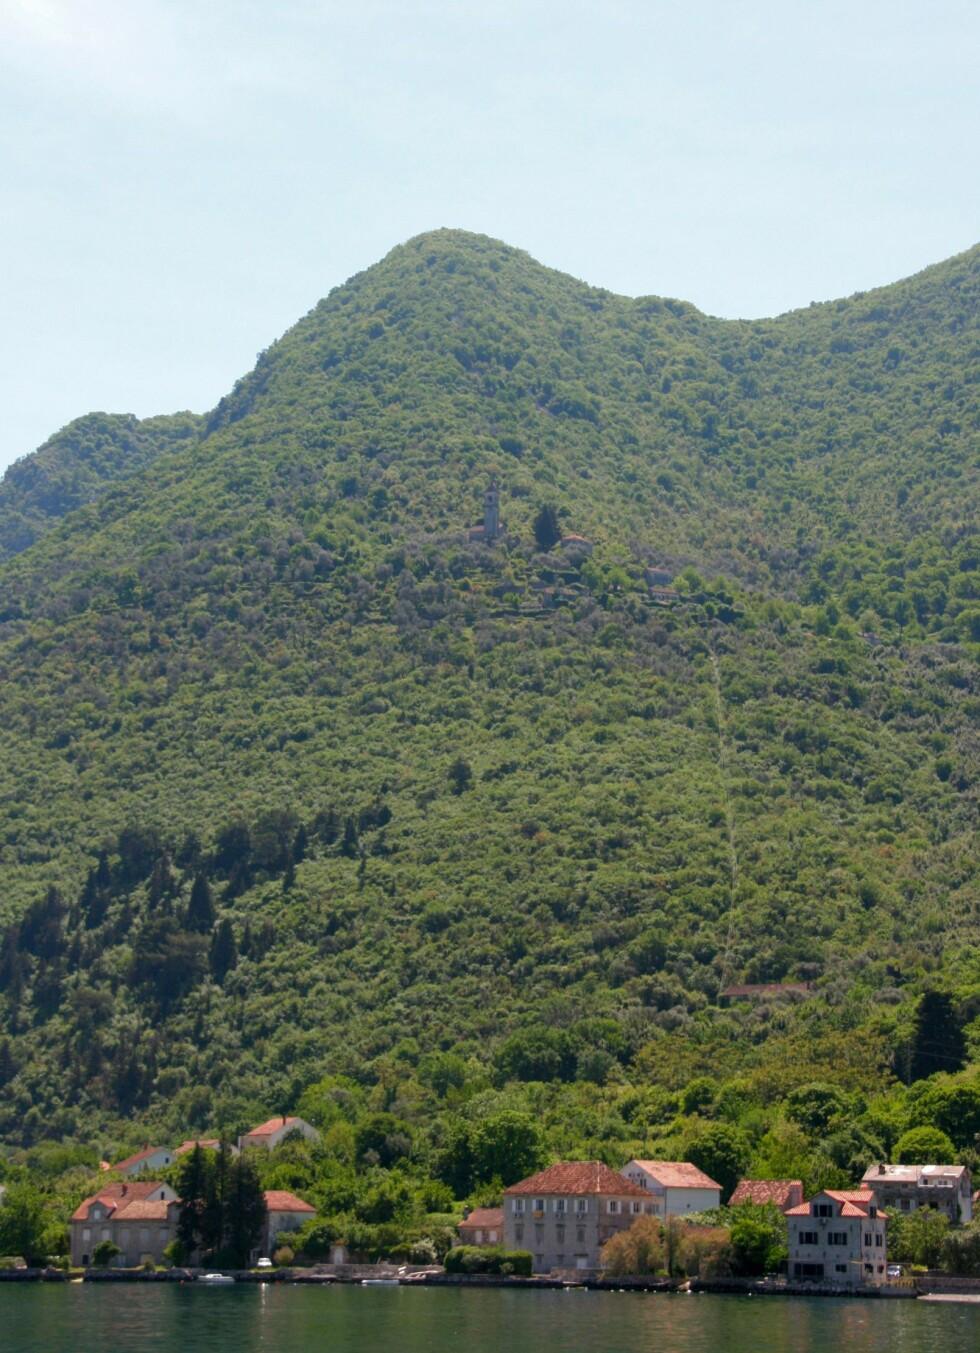 Ser du den lille landsbyen med kirke som ligger langt oppi fjellsiden? Du kan også se taubanen som går ned til landsbyen ved sjøen. Foto: Stine Okkelmo